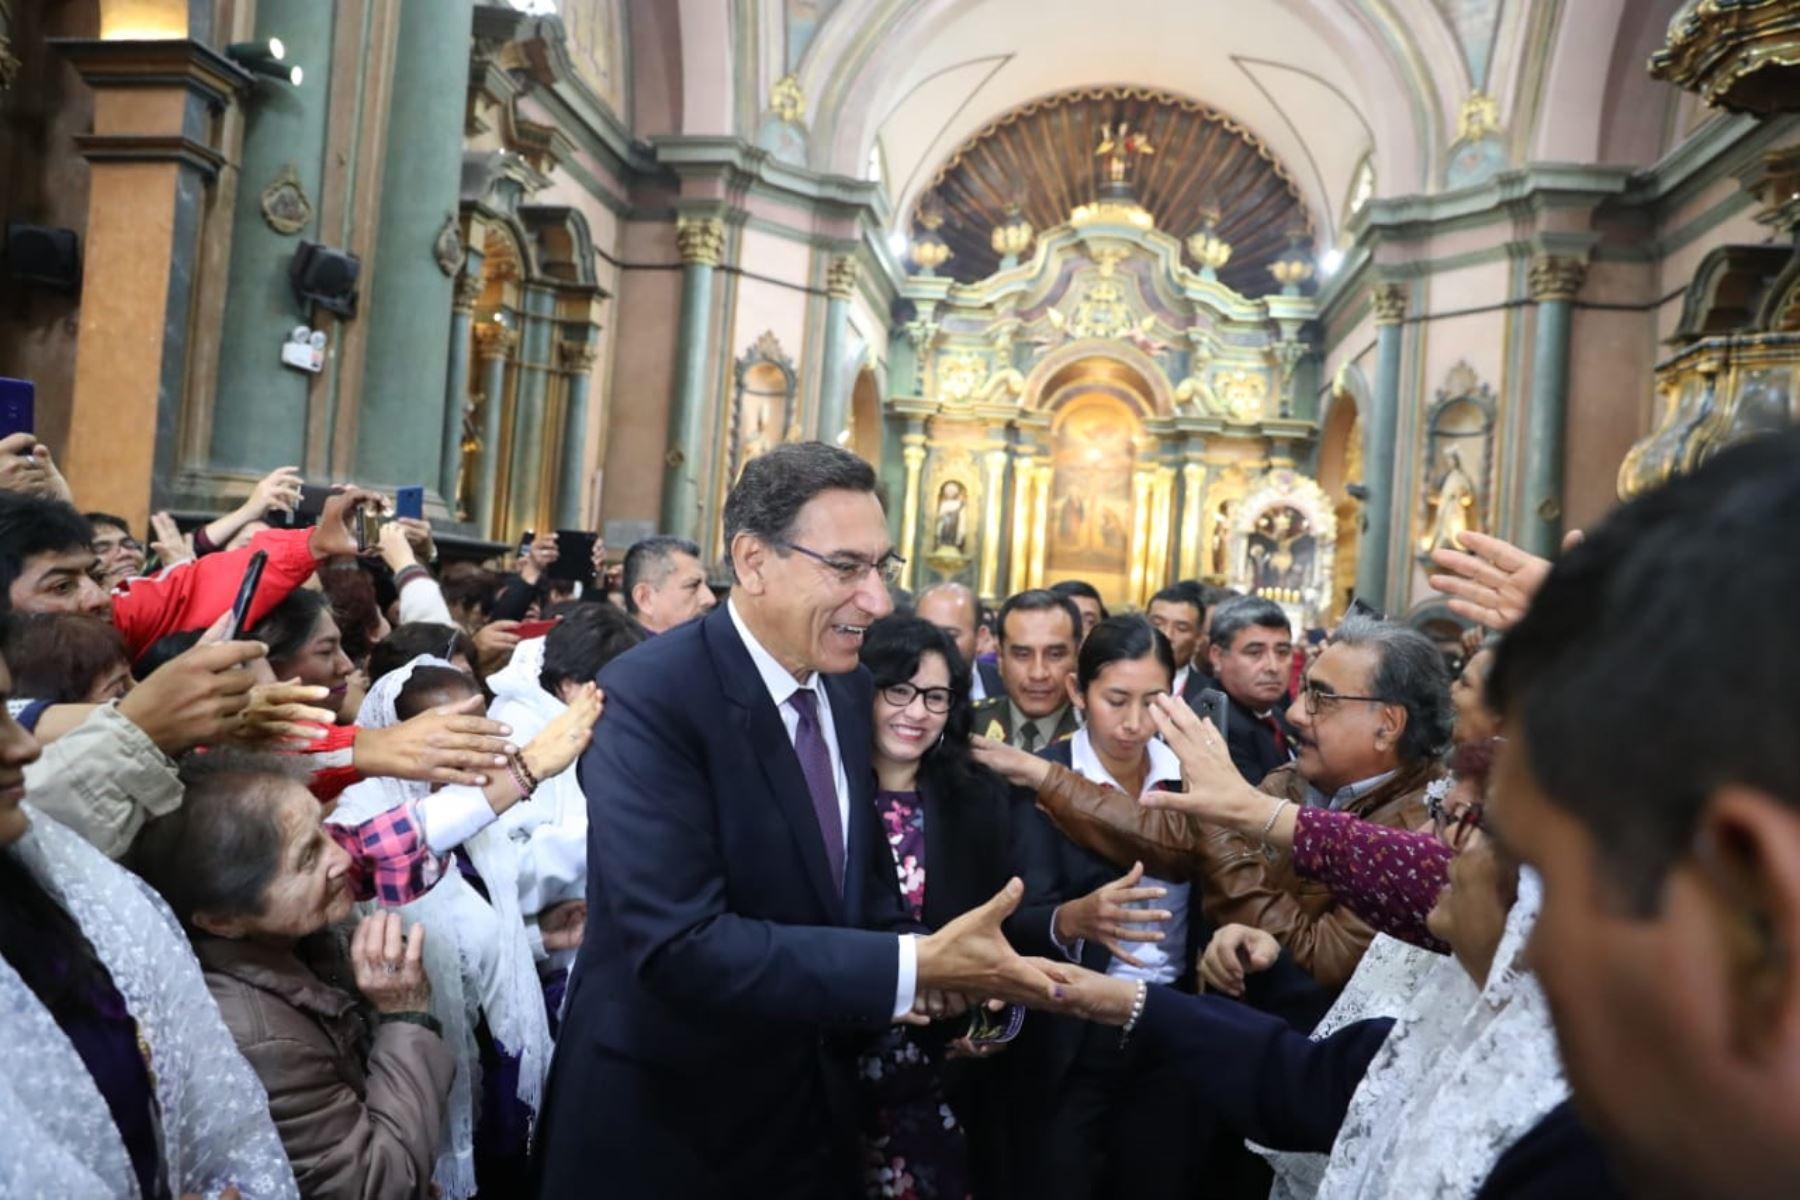 Jefe de Estado Martín Vizcarra y ministros participan en misa en iglesia Las Nazarenas. Foto: ANDINA/Prensa Presidencia